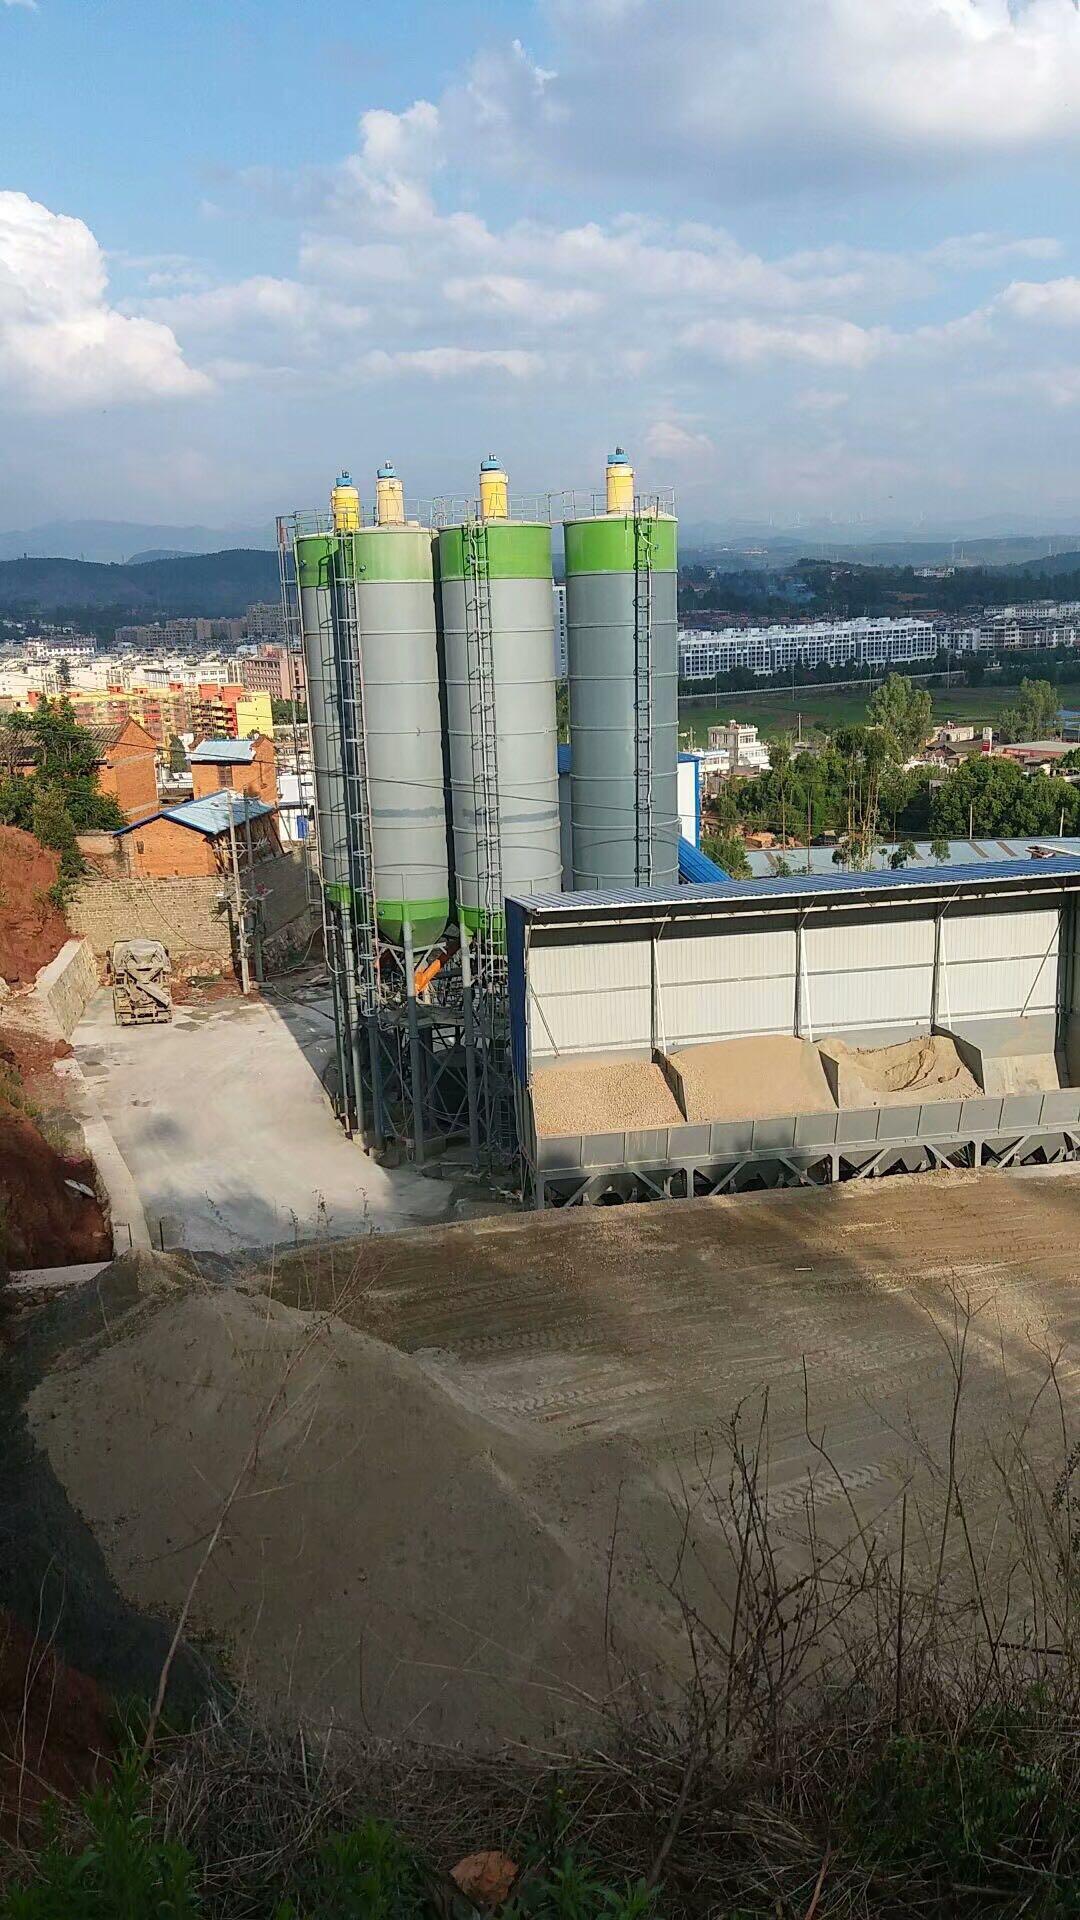 云南混凝土搅拌站废水可以继续使用吗?会造成什么现象?